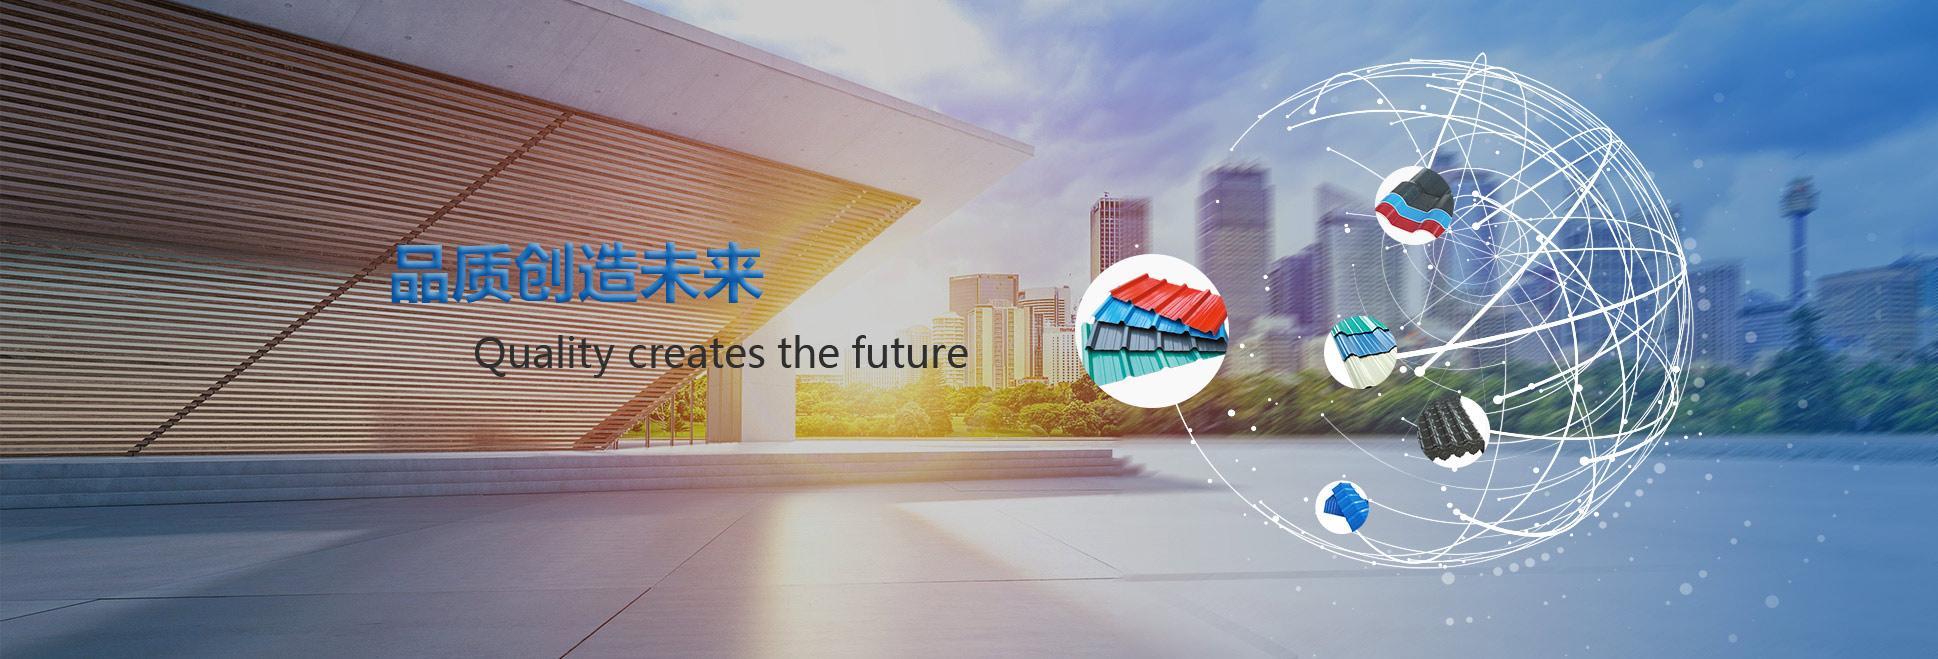 虹科树脂瓦宣传广告语-品质创造未来